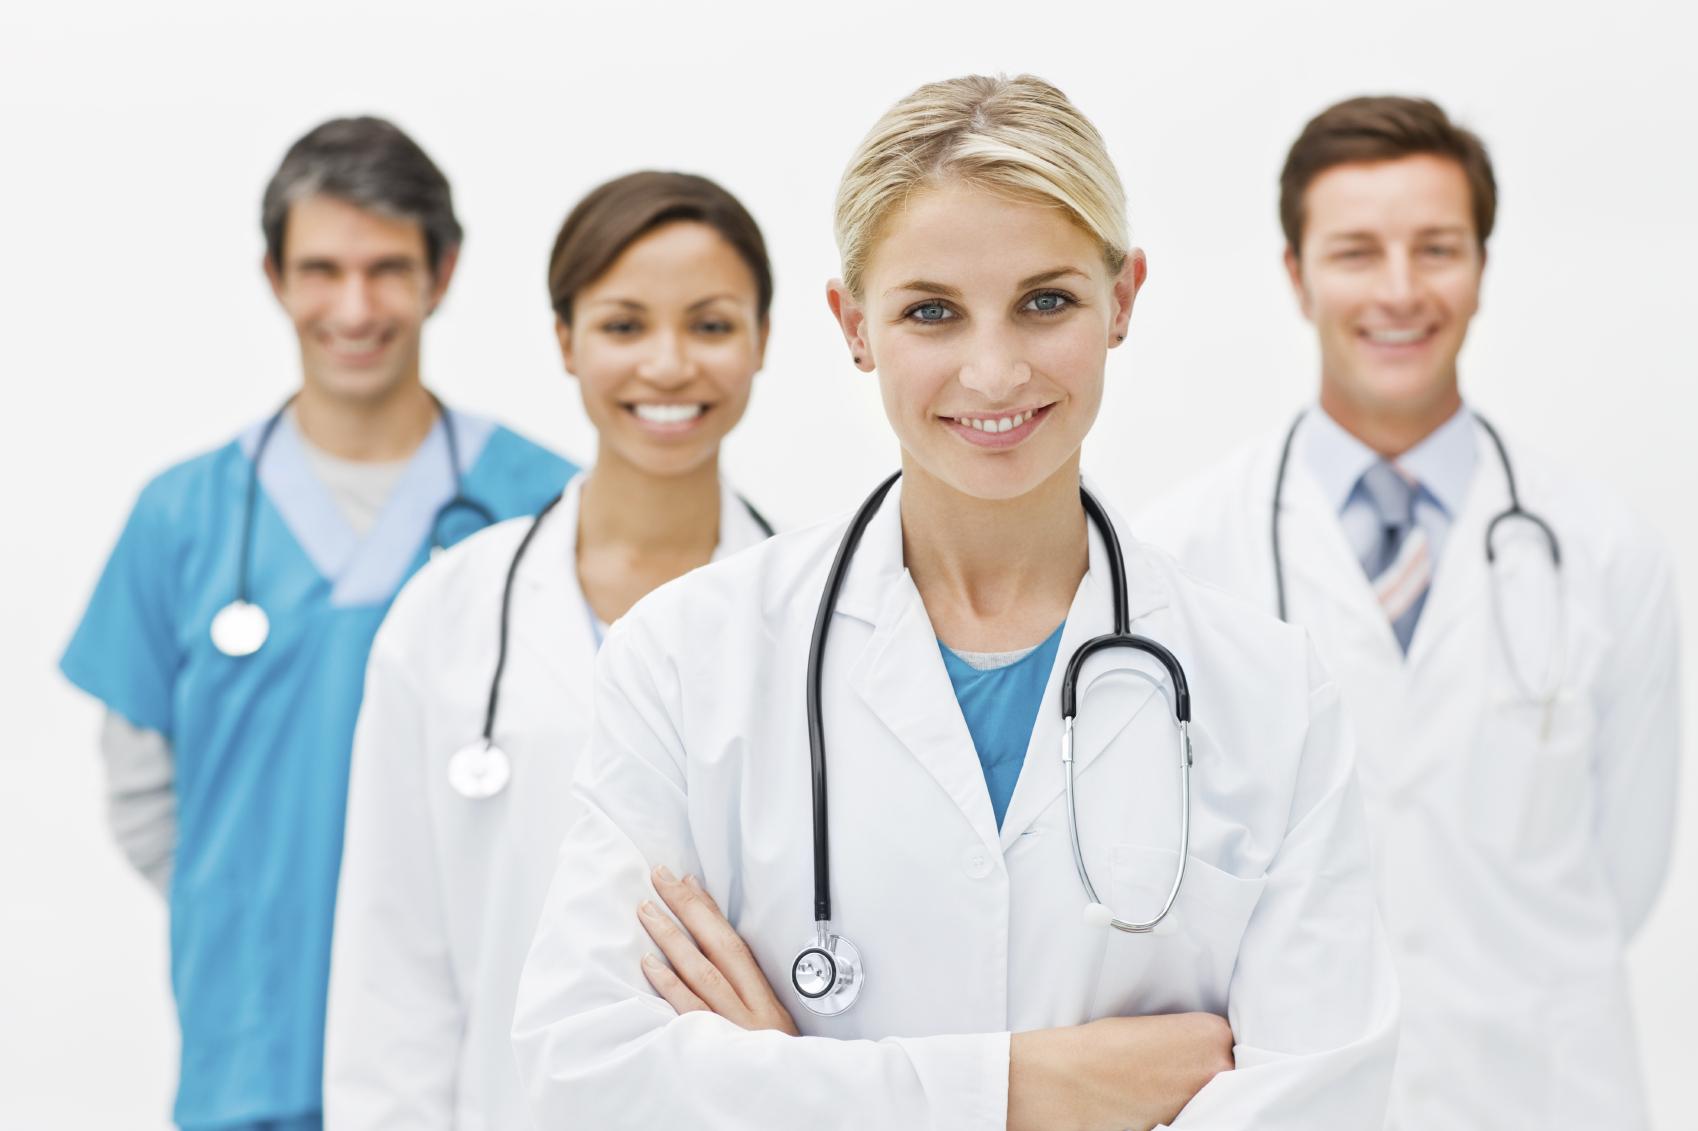 medics.jpg